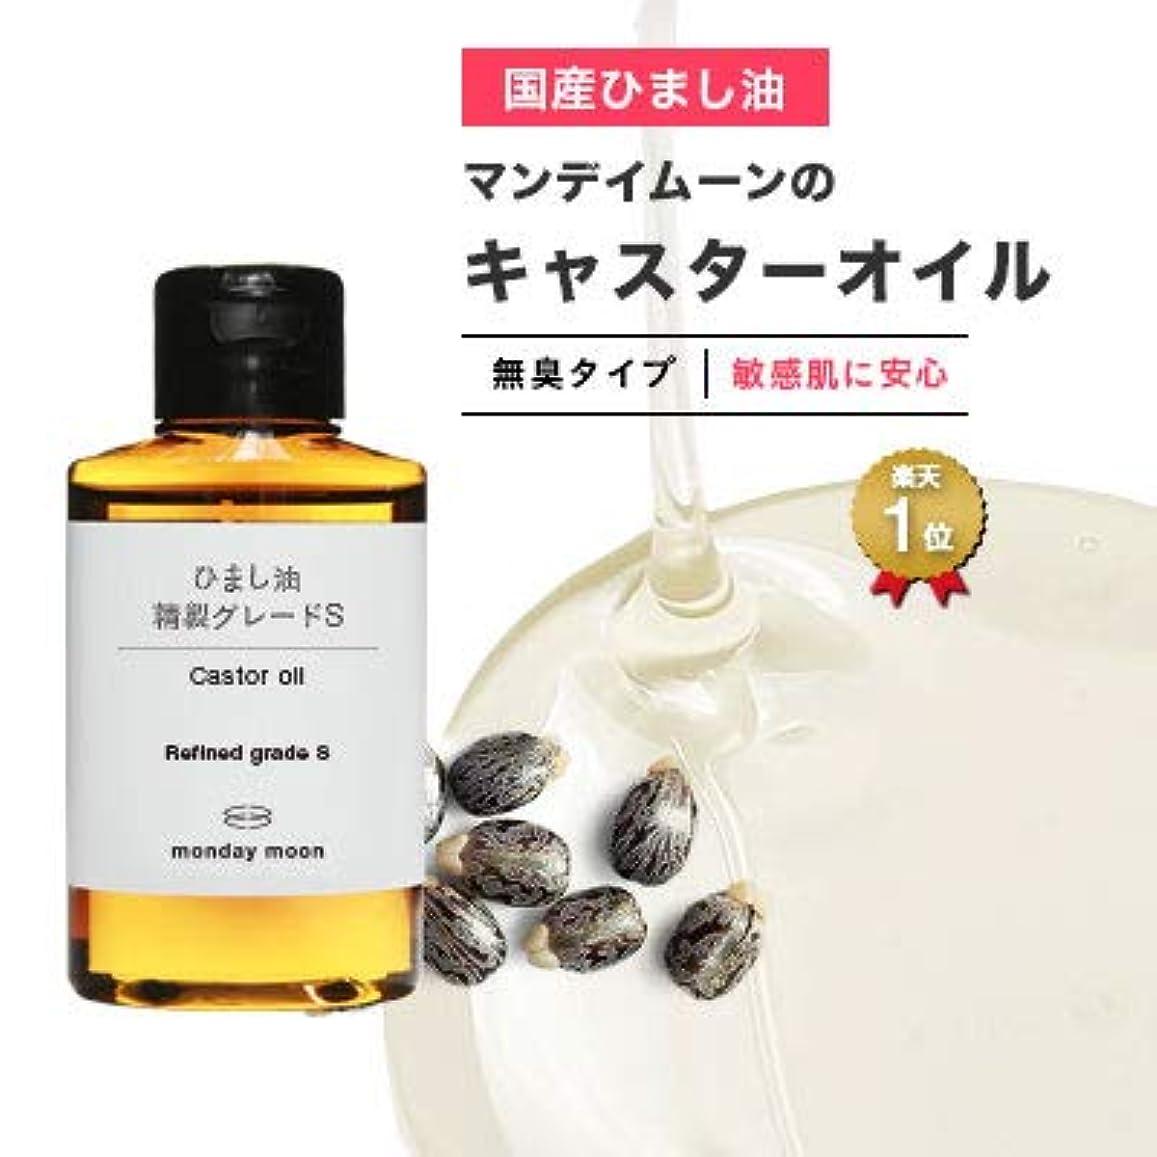 ポイント新聞操縦するキャスターオイル?精製グレードS(ひまし油)/50ml